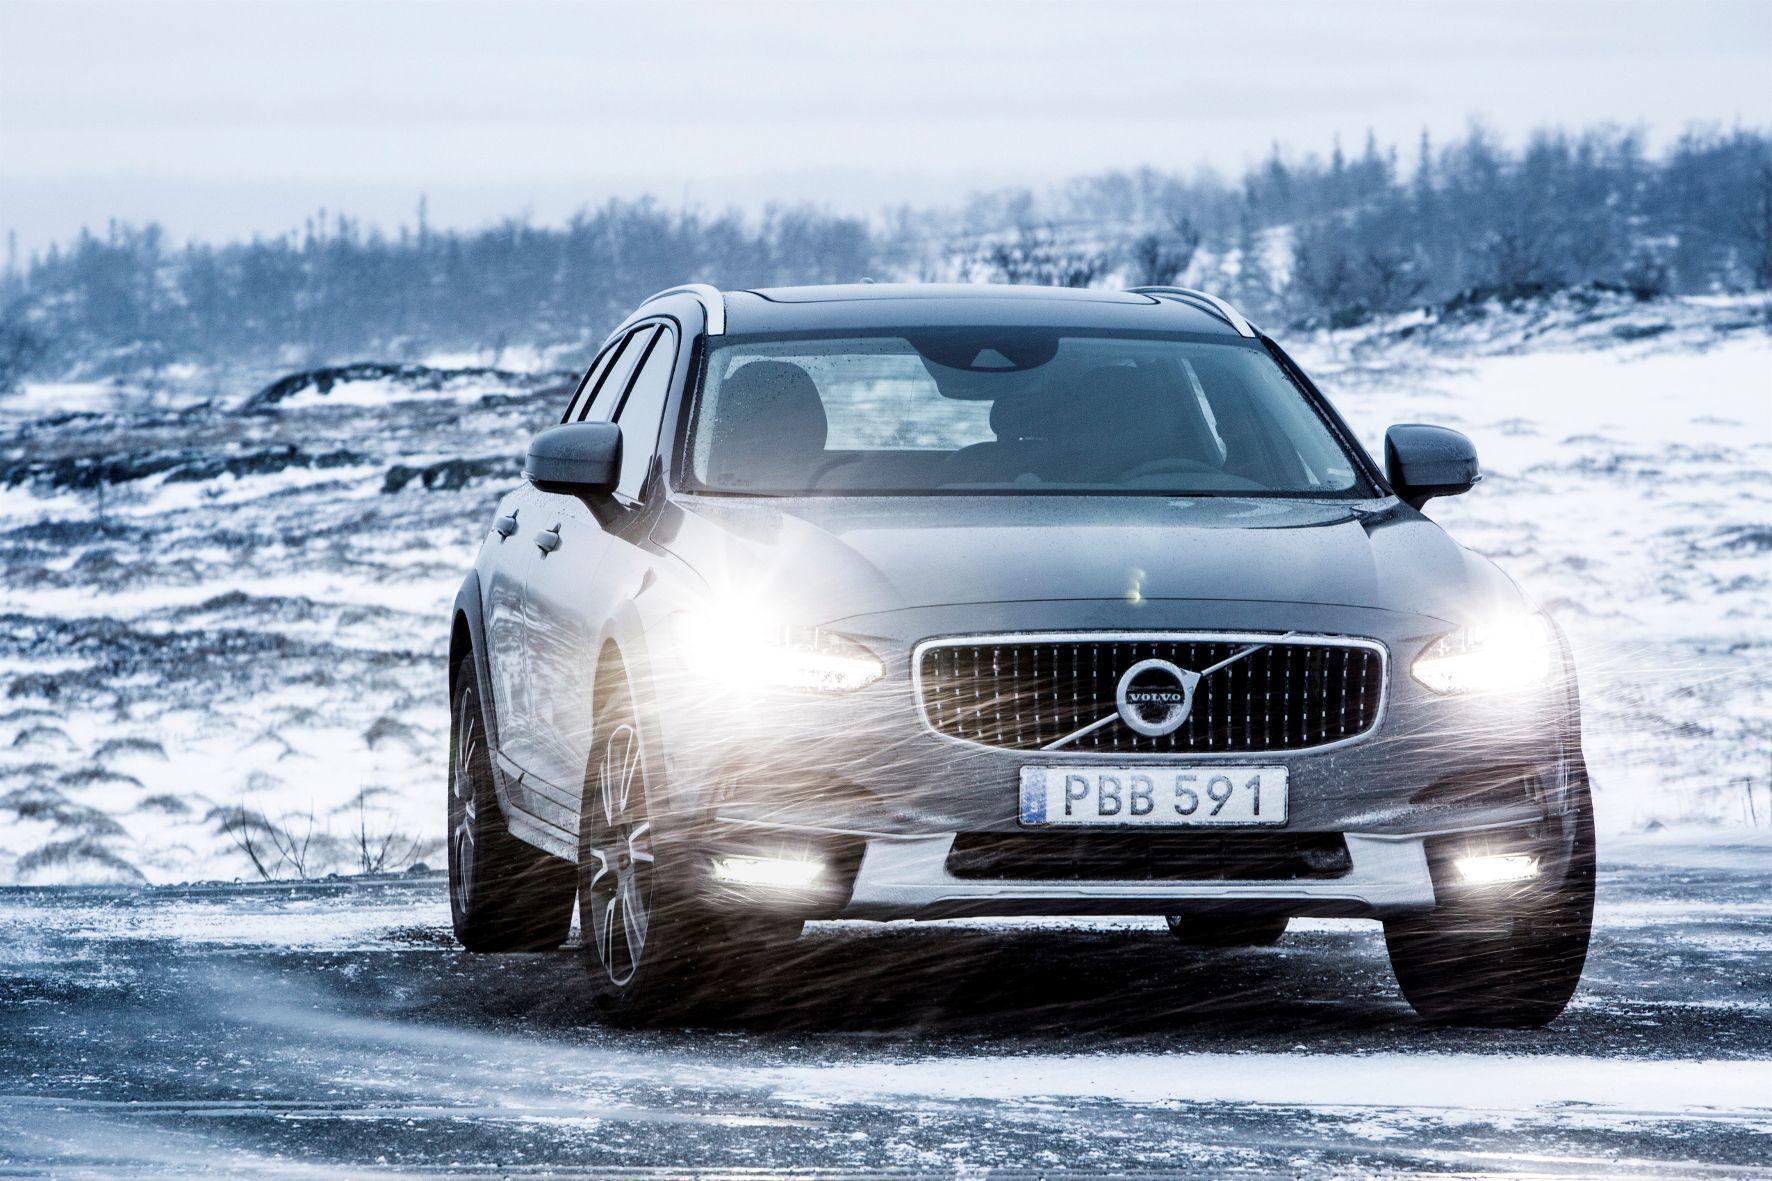 mid Groß-Gerau - Der neue Volvo V90 Cross Country ist der jüngste geländegängige Kombi im Modellprogramm der Schweden. Das Konzept aber gibt es bereits seit 1997.